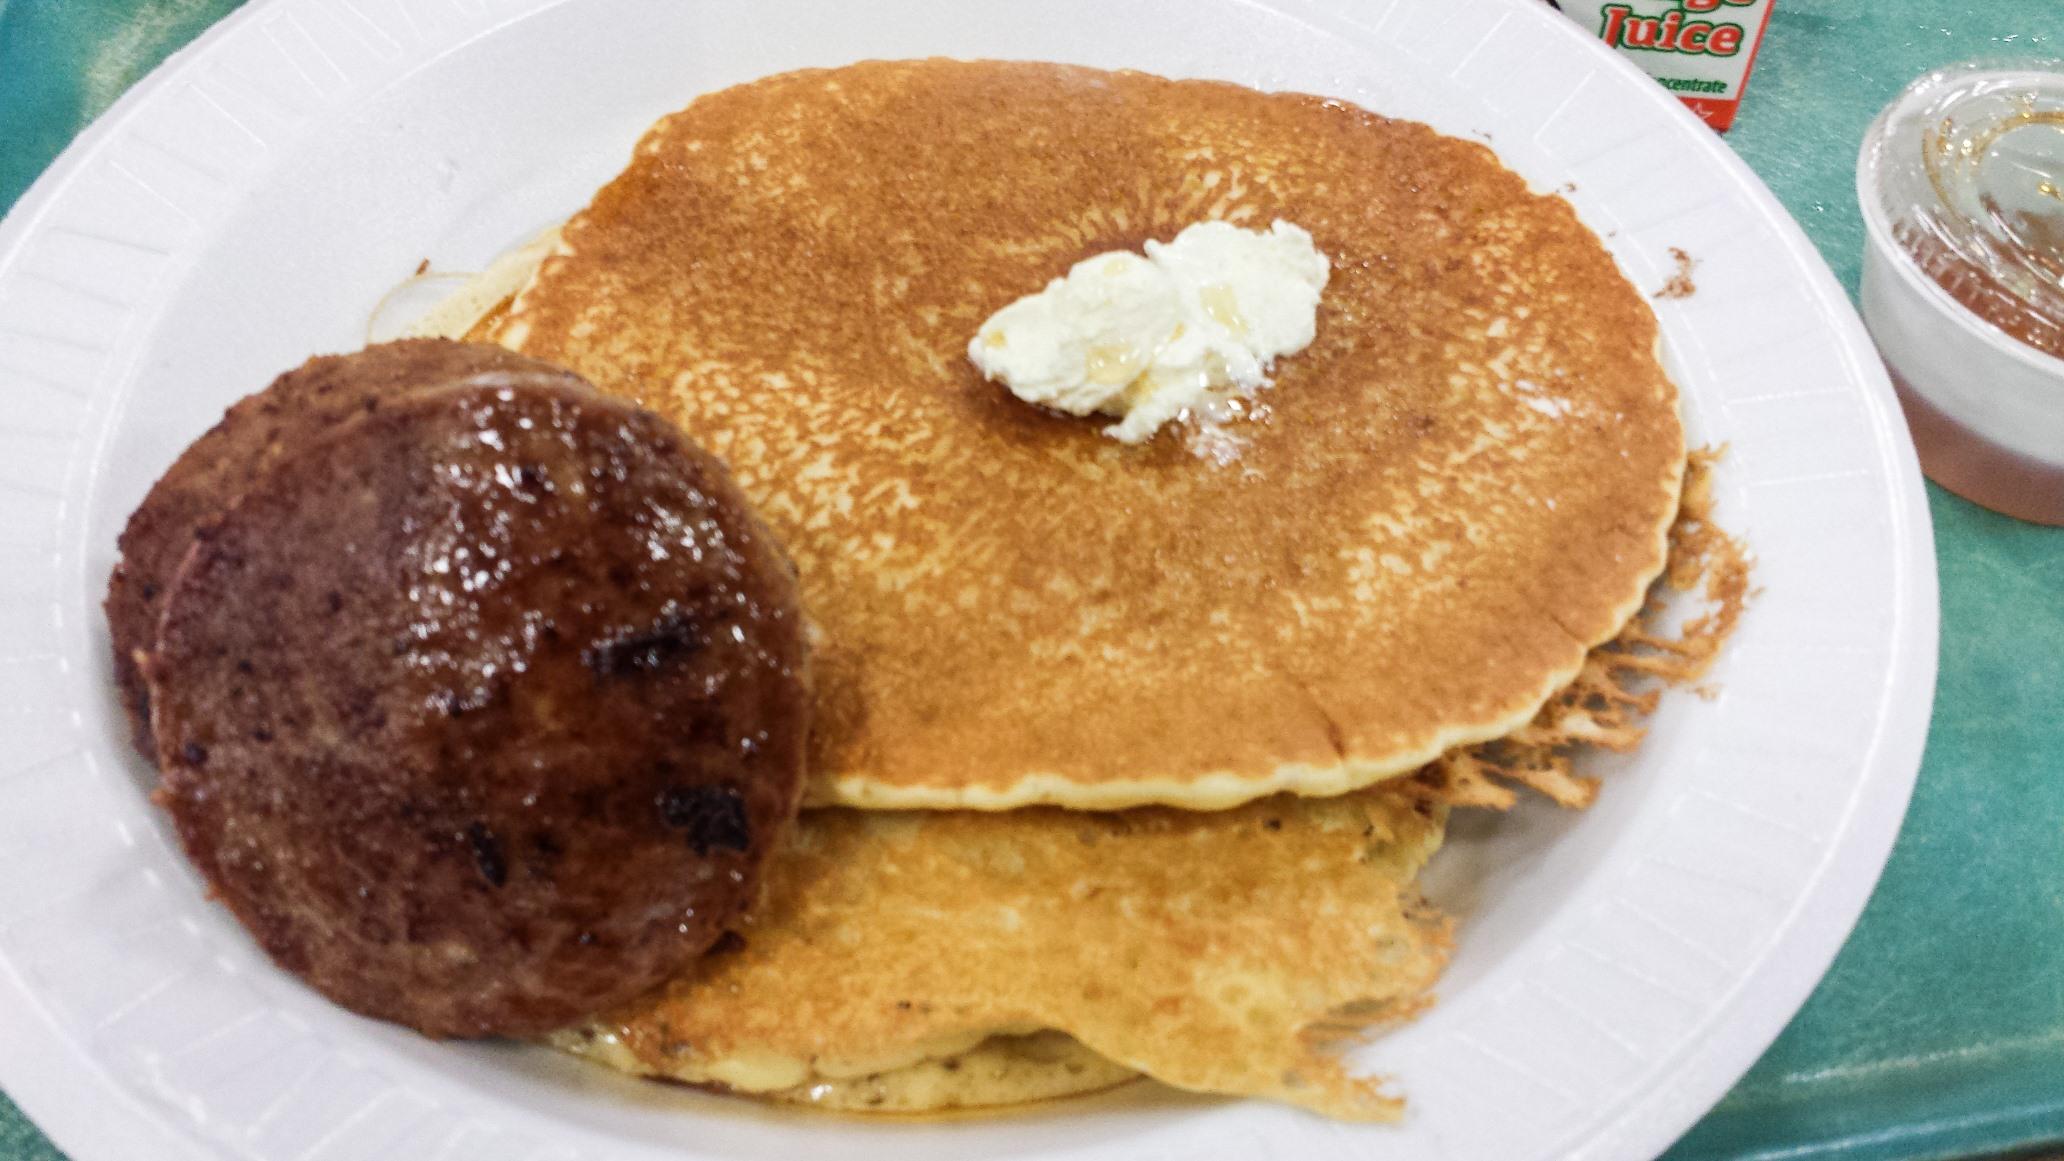 Pancakes and sausage